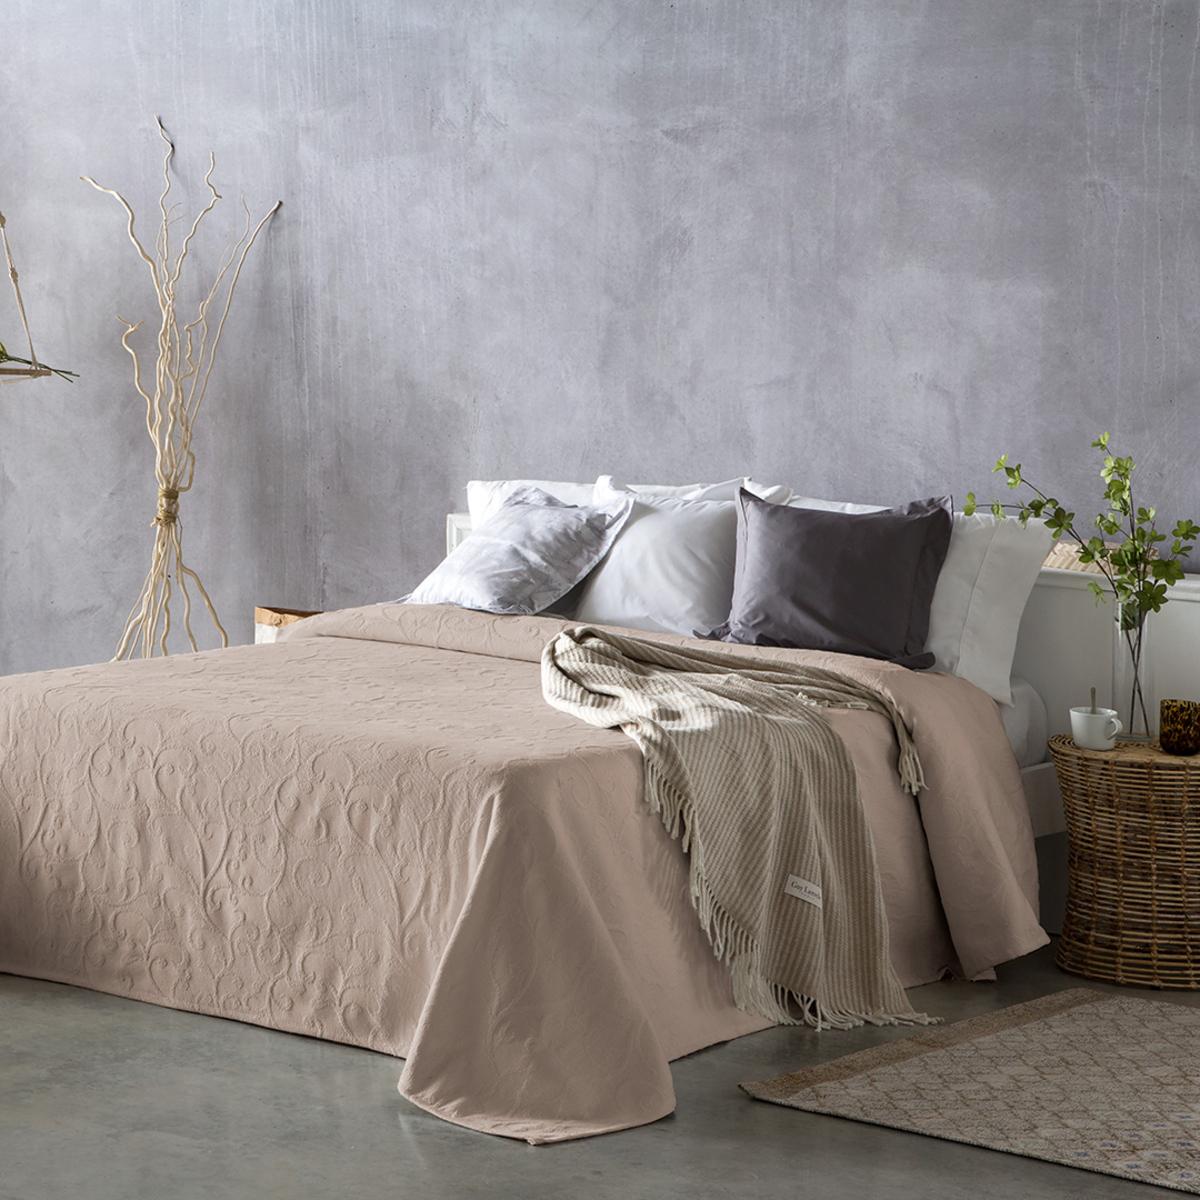 Couvre lit en coton terre 230x270